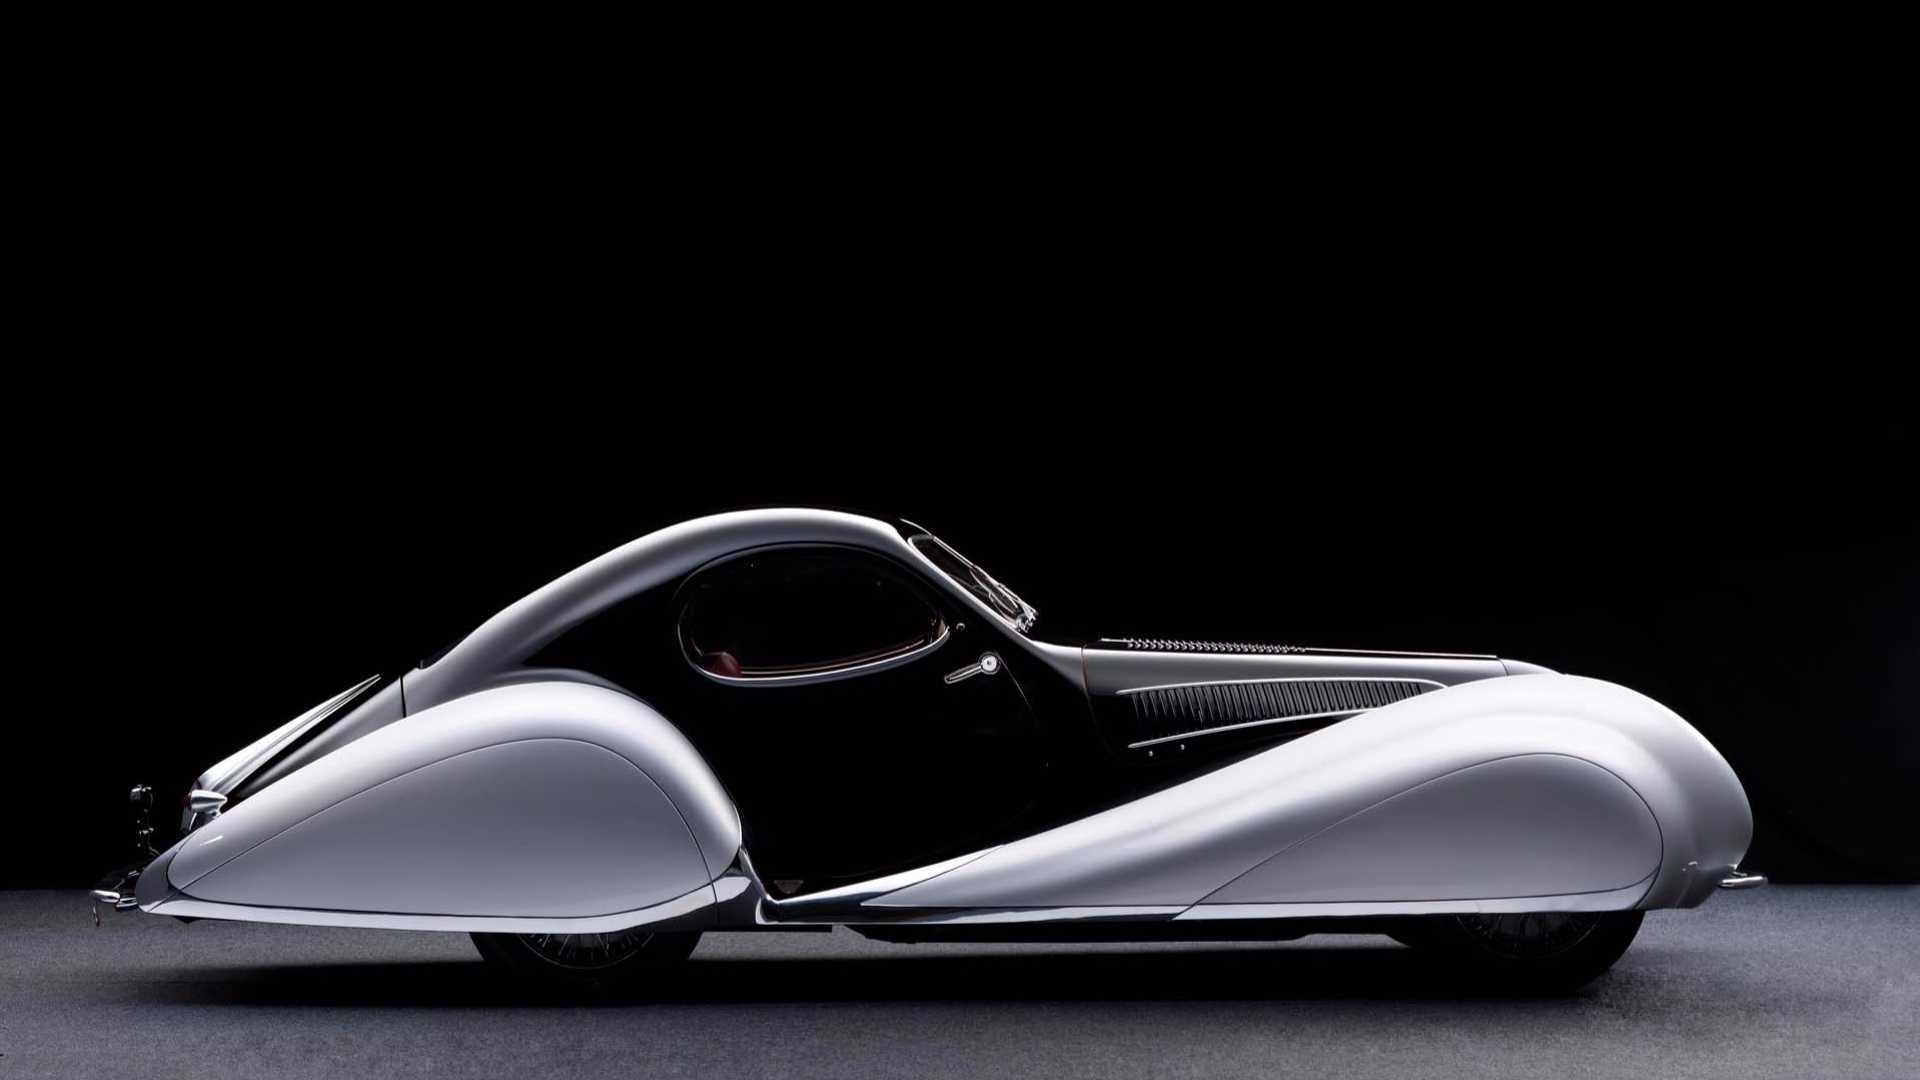 1937_Talbot-Lago_T150-C_SS_Teardrop_14